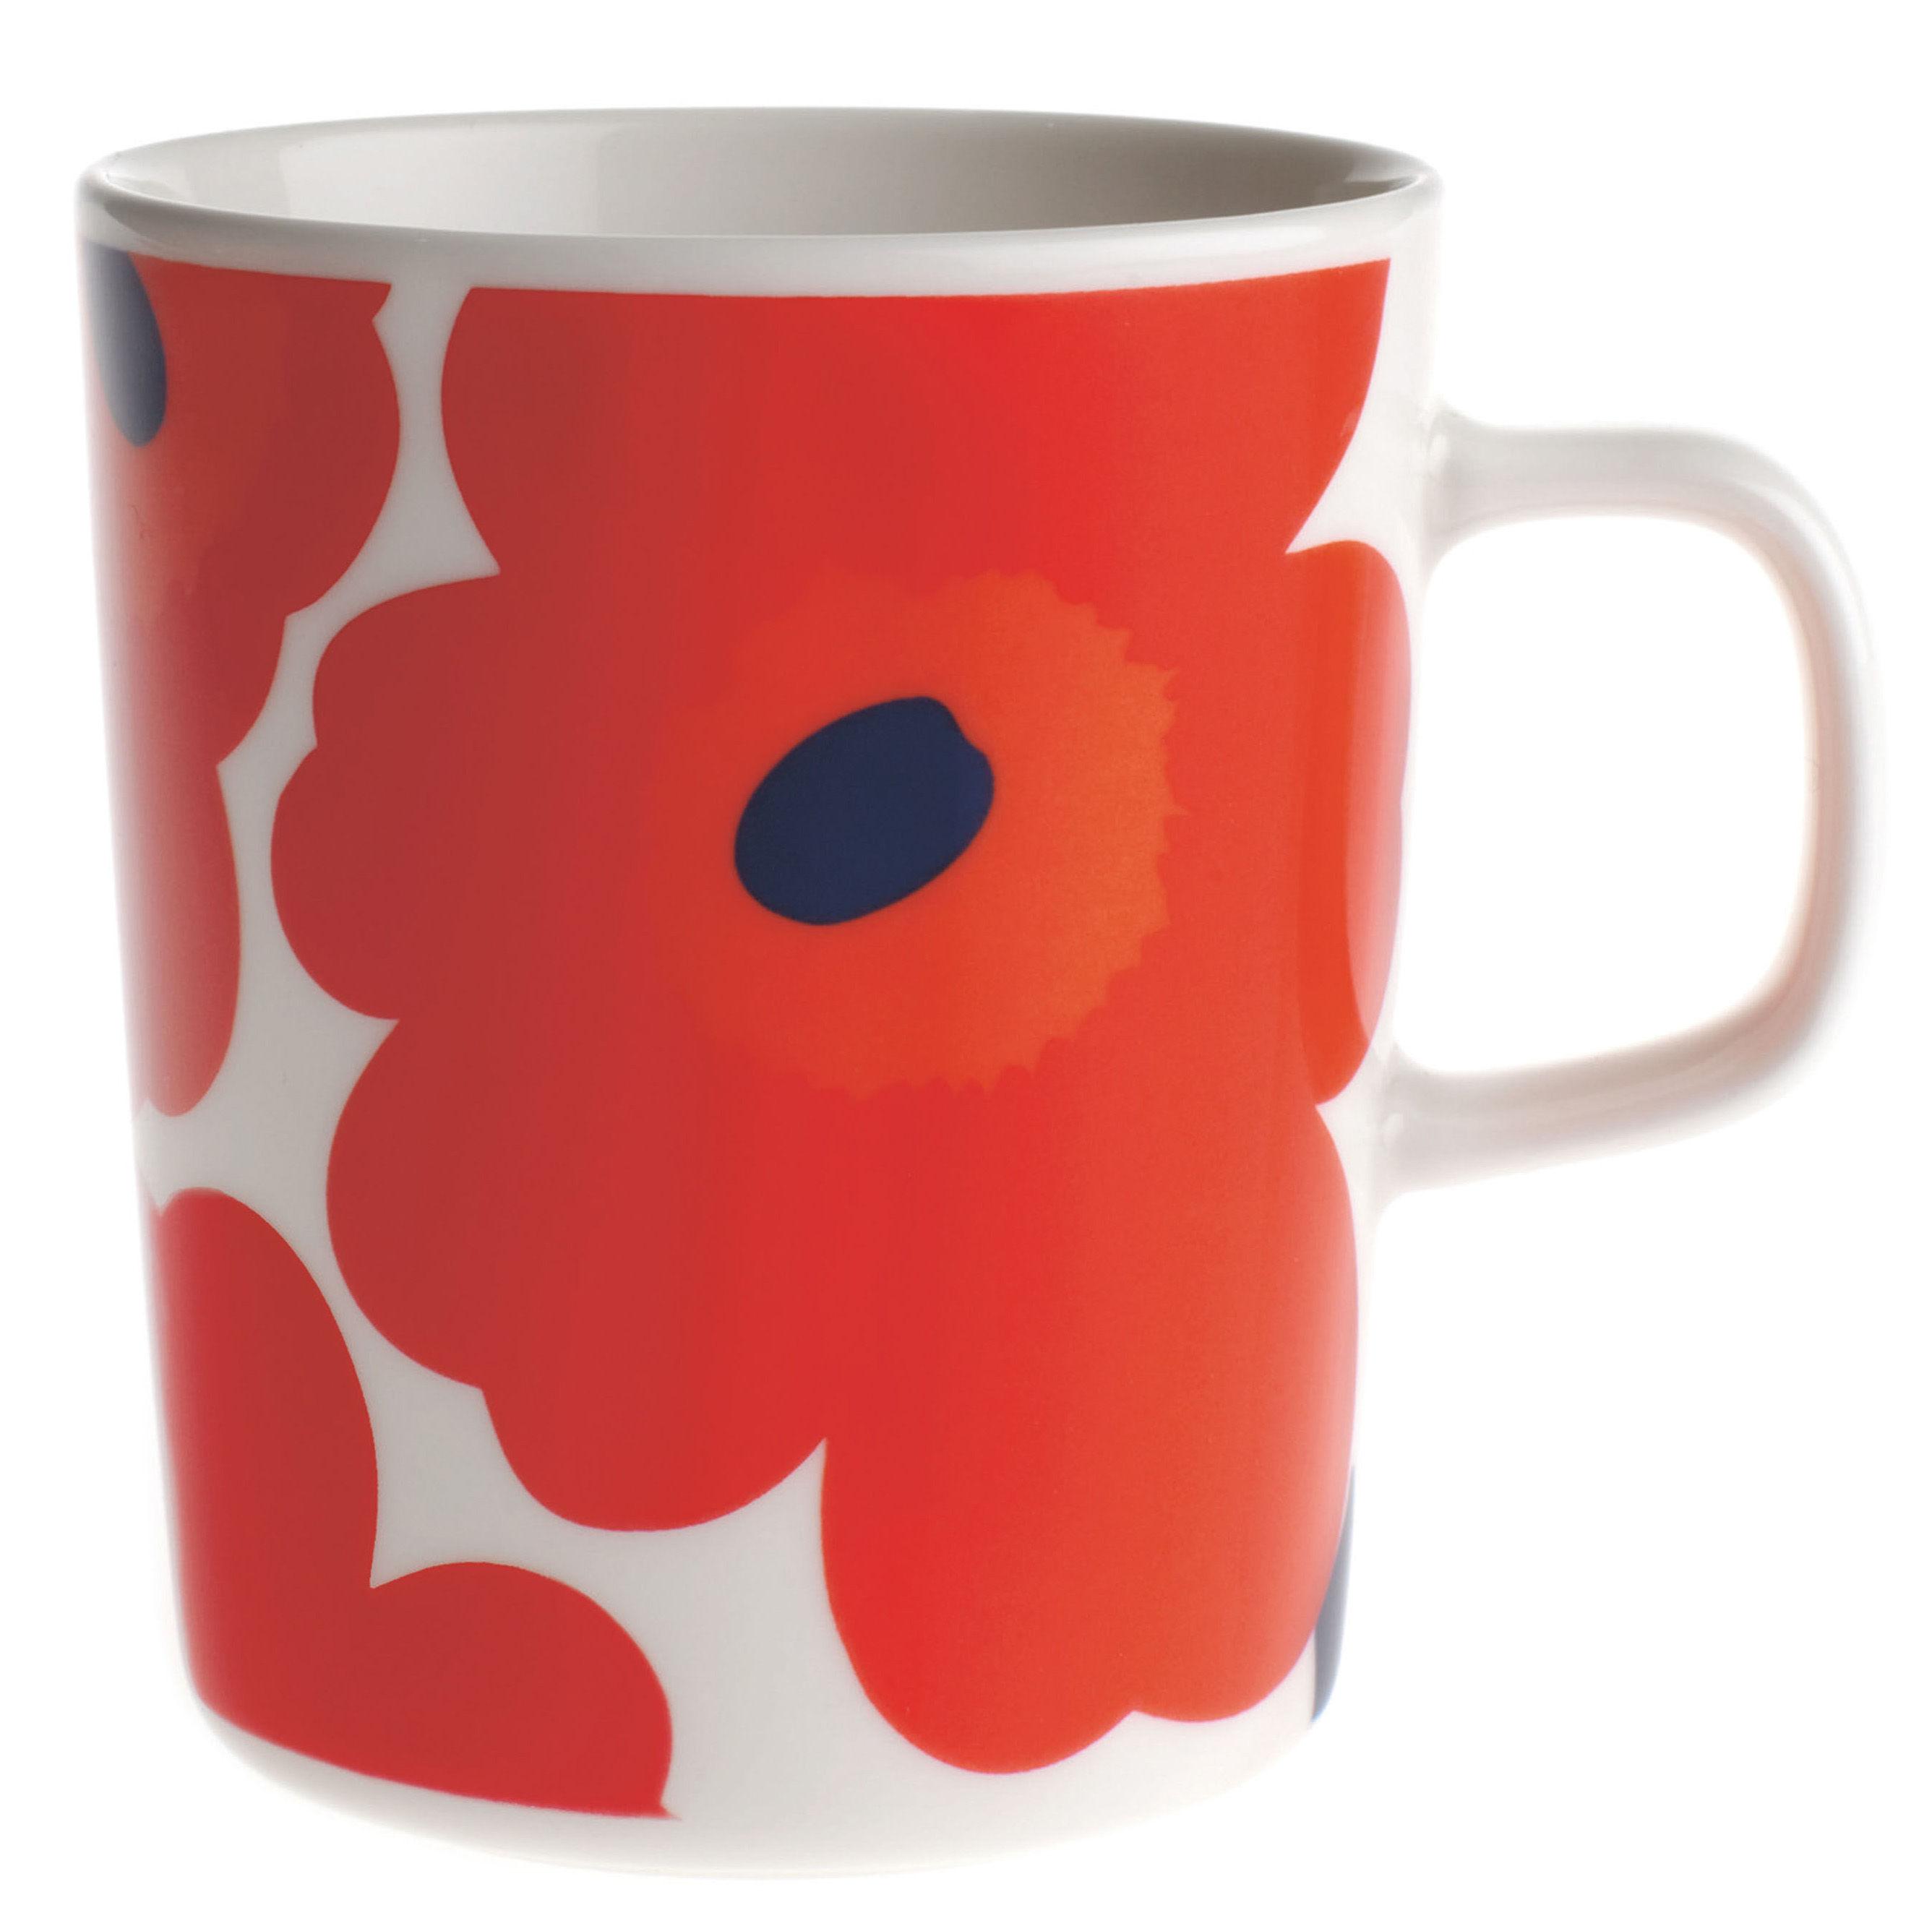 Arts de la table - Tasses et mugs - Mug Unikko / 25 cl - Marimekko - Unikko / Rouge - Porcelaine émaillée